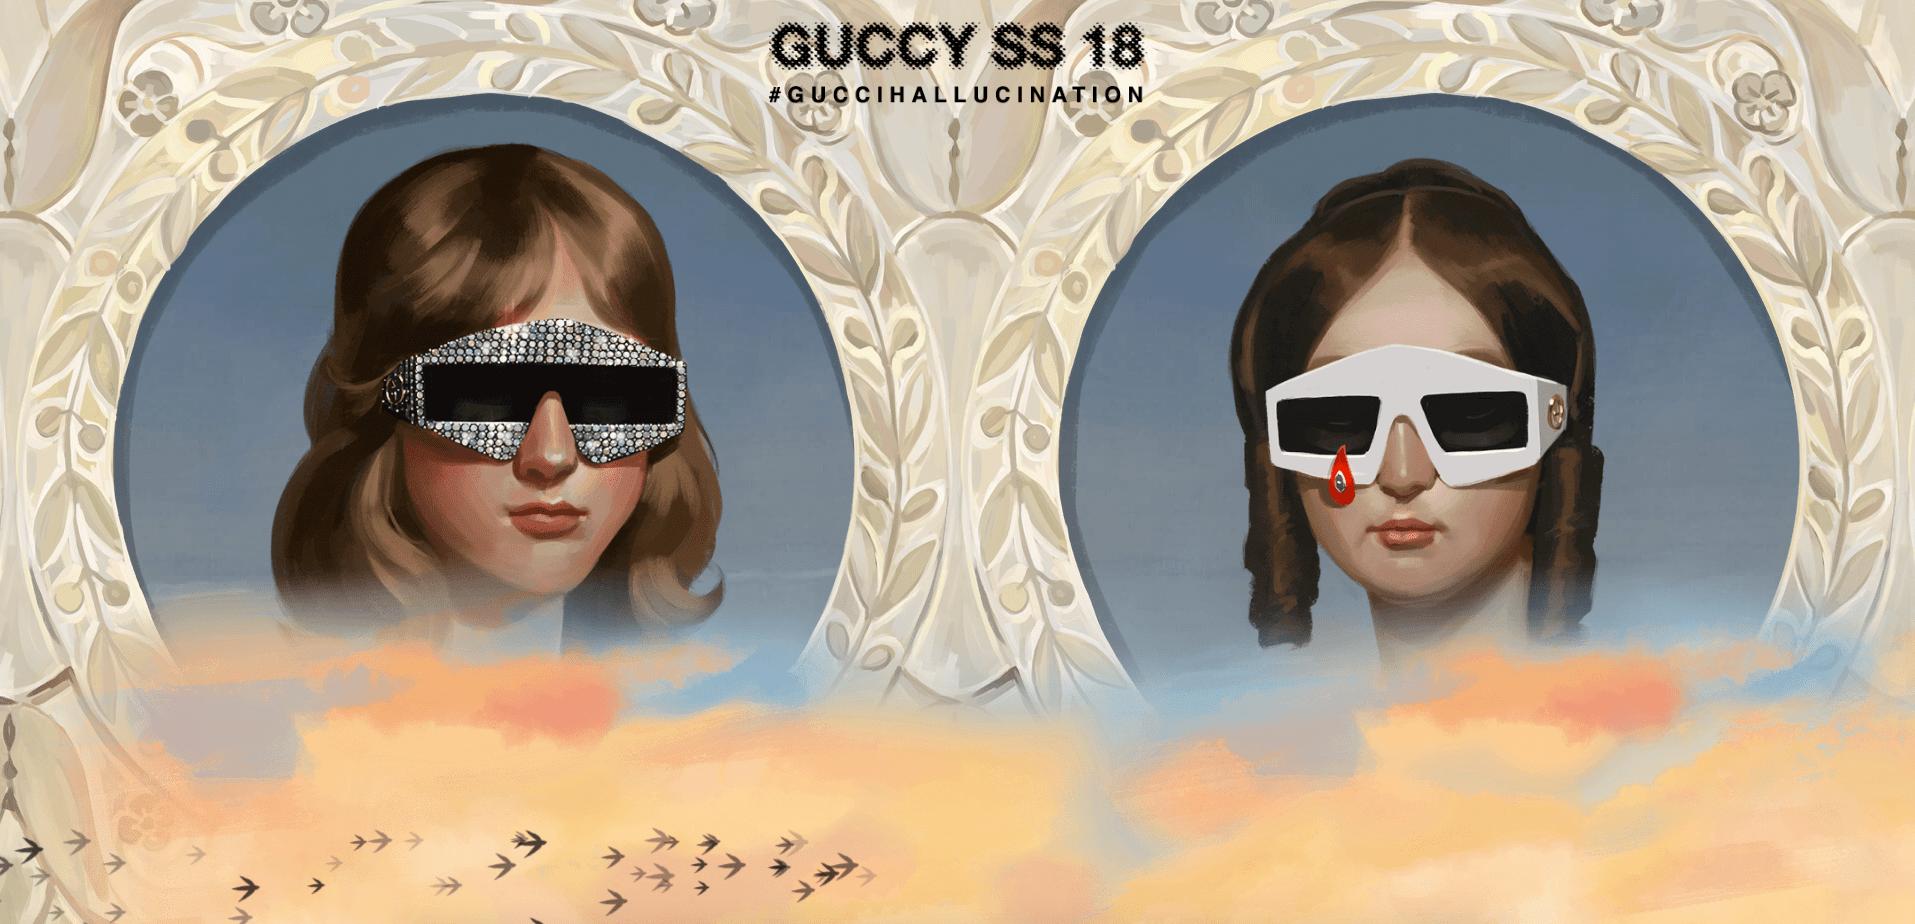 Gucci - Web